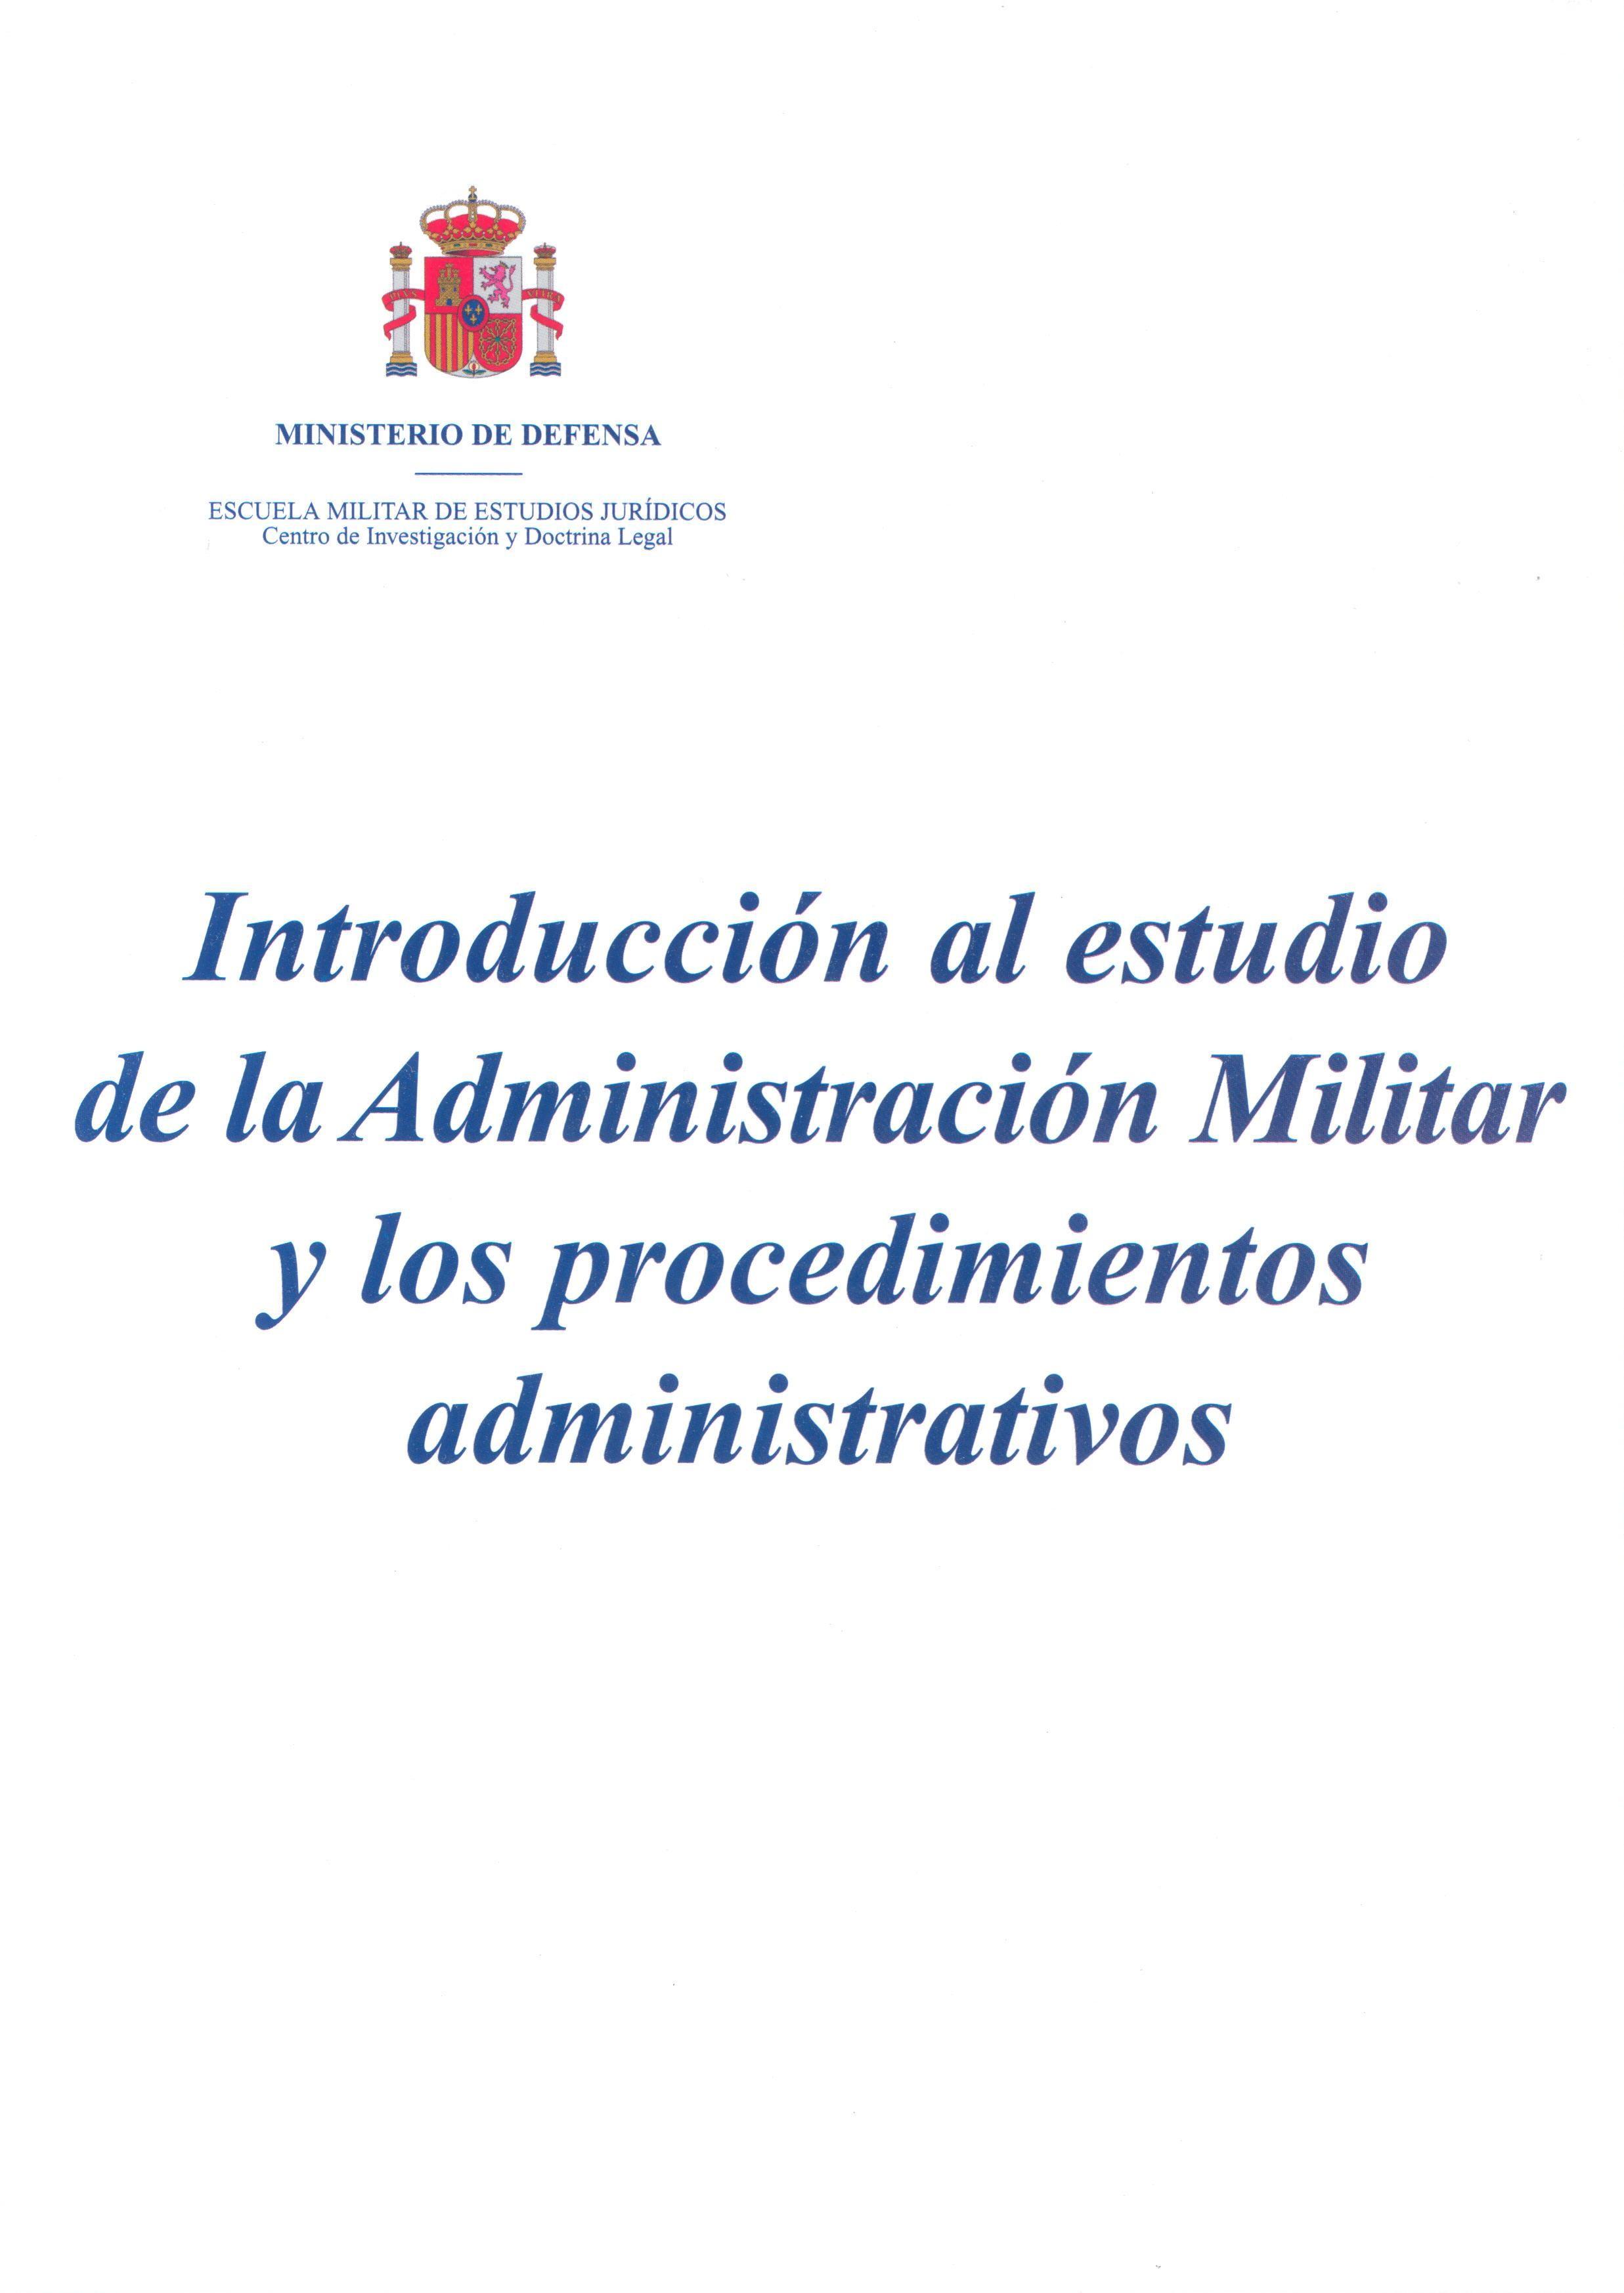 INTRODUCCIÓN AL ESTUDIO DE LA ADMINISTRACIÓN MILITAR Y LOS PROCEDIMIENTOS ADMINISTRATIVOS